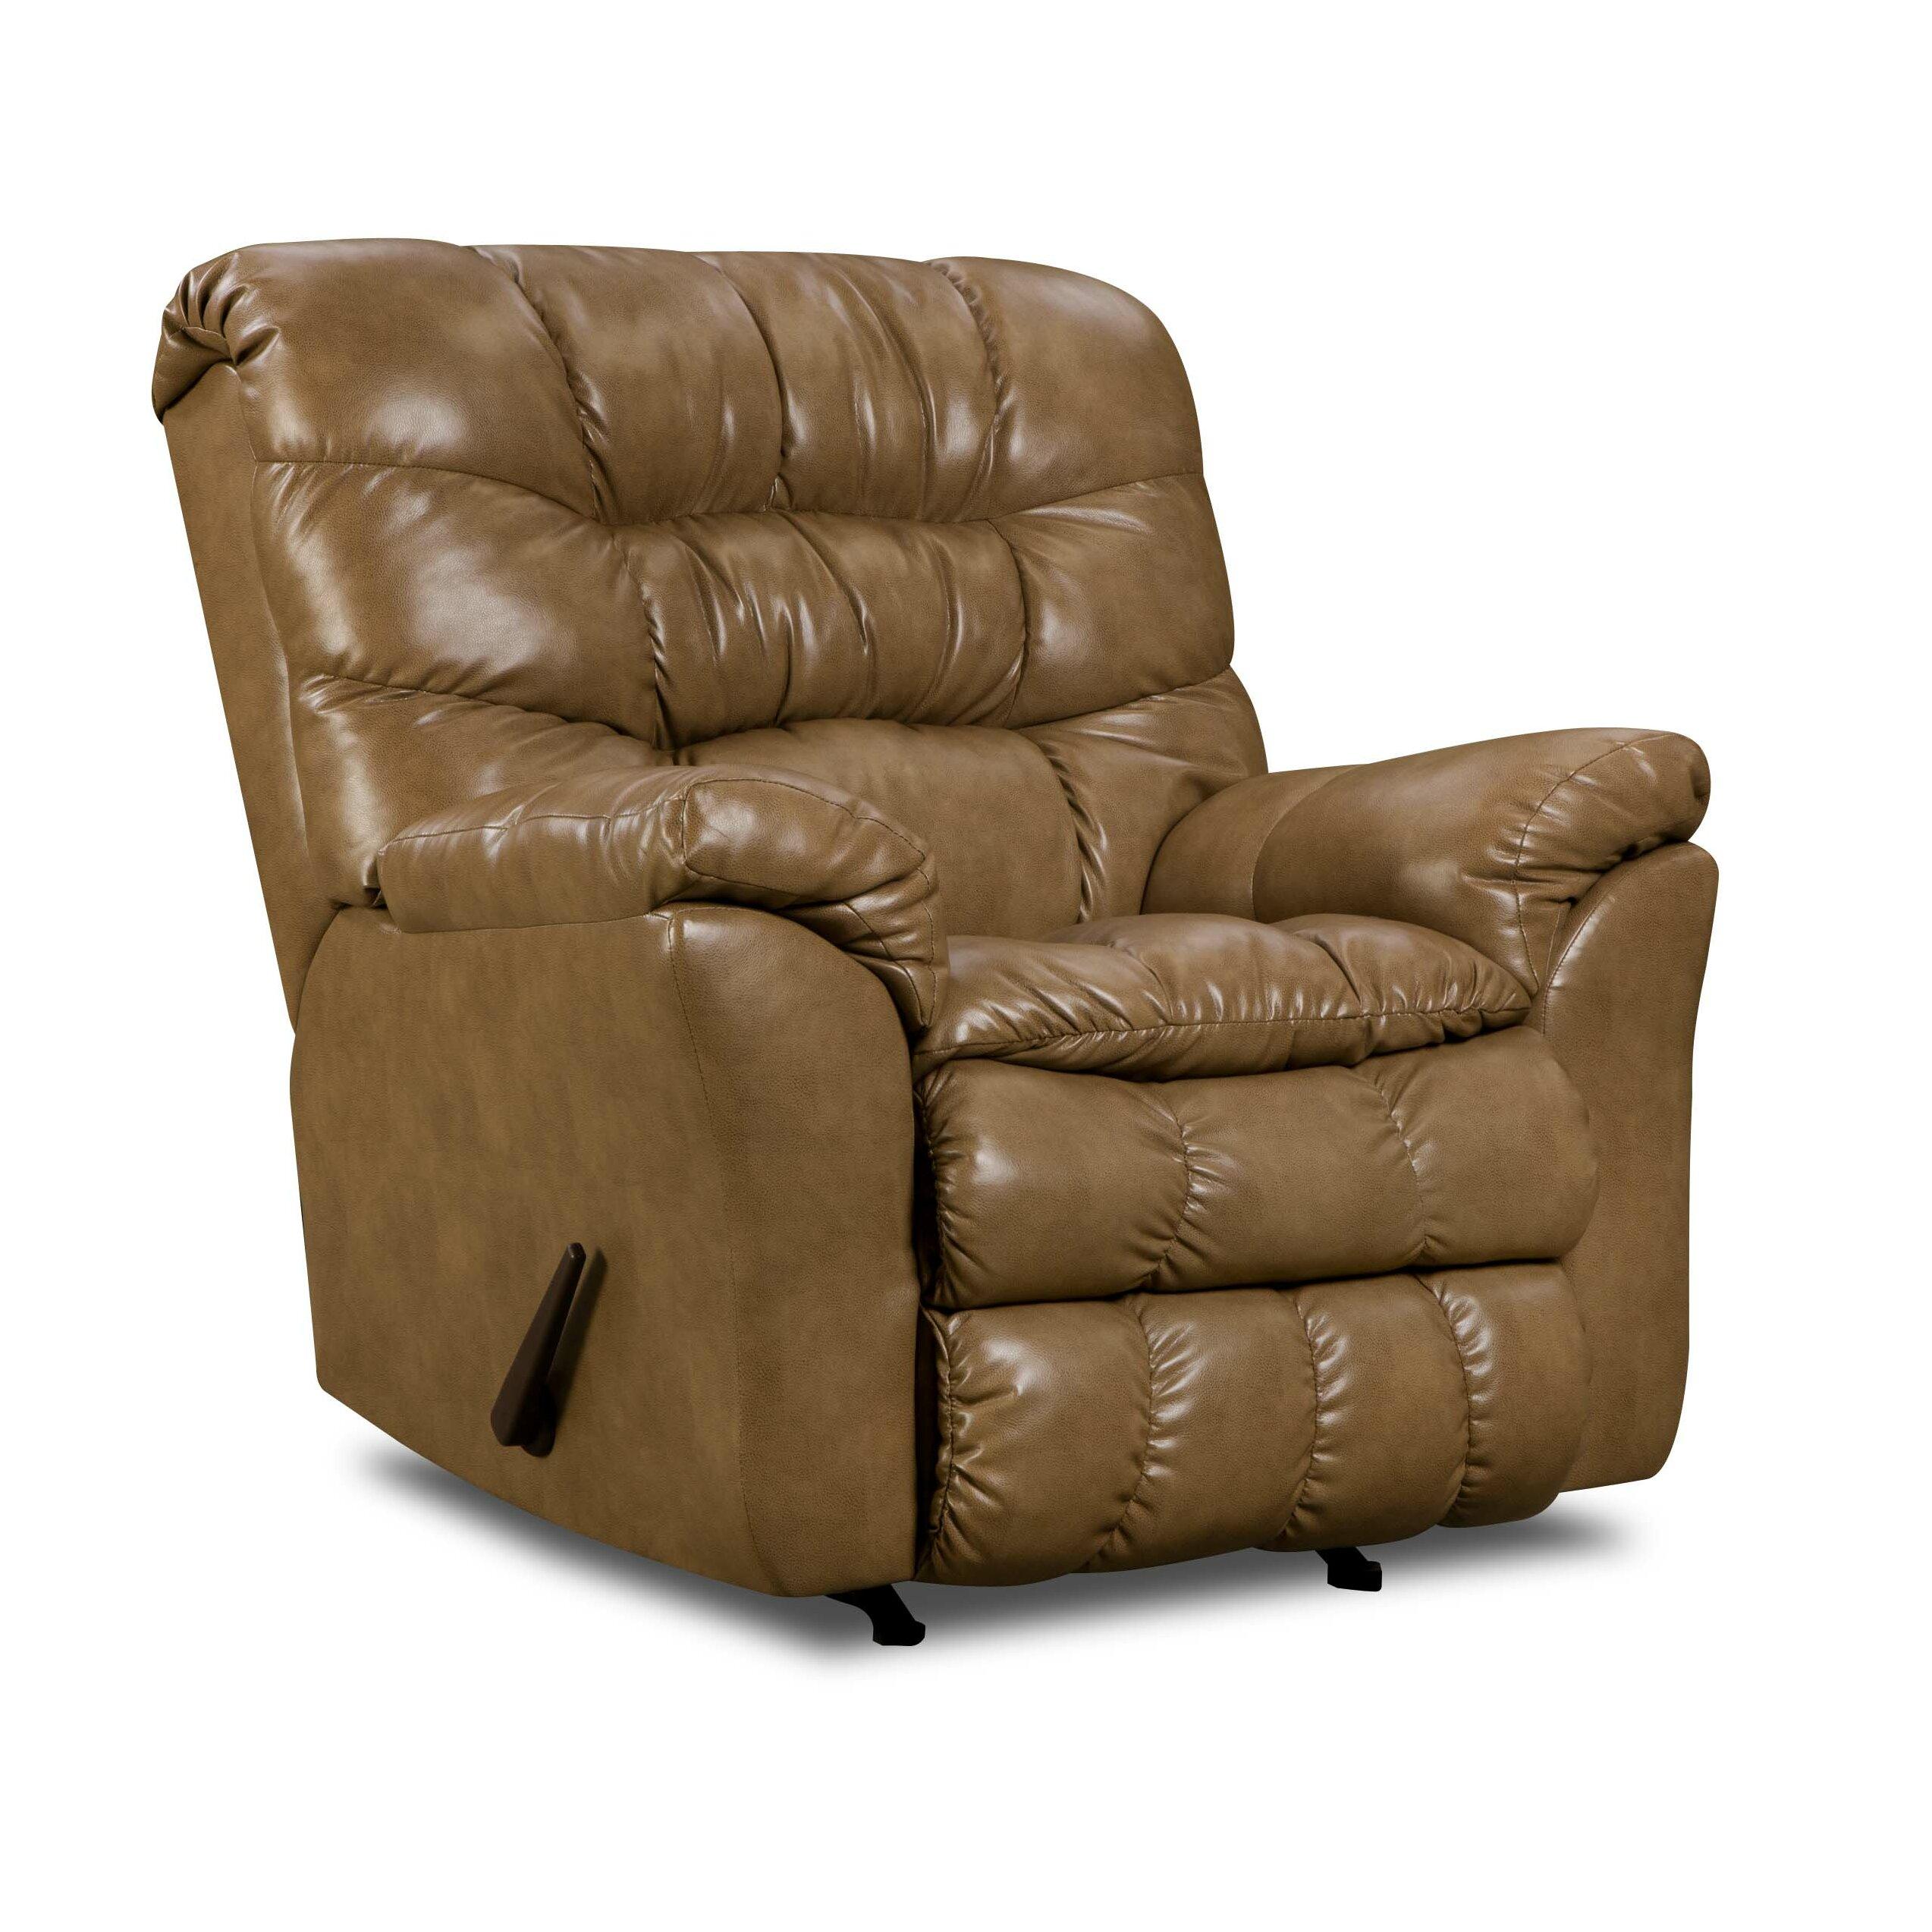 Simmons Upholstery Riverside Bonded Leather Rocker